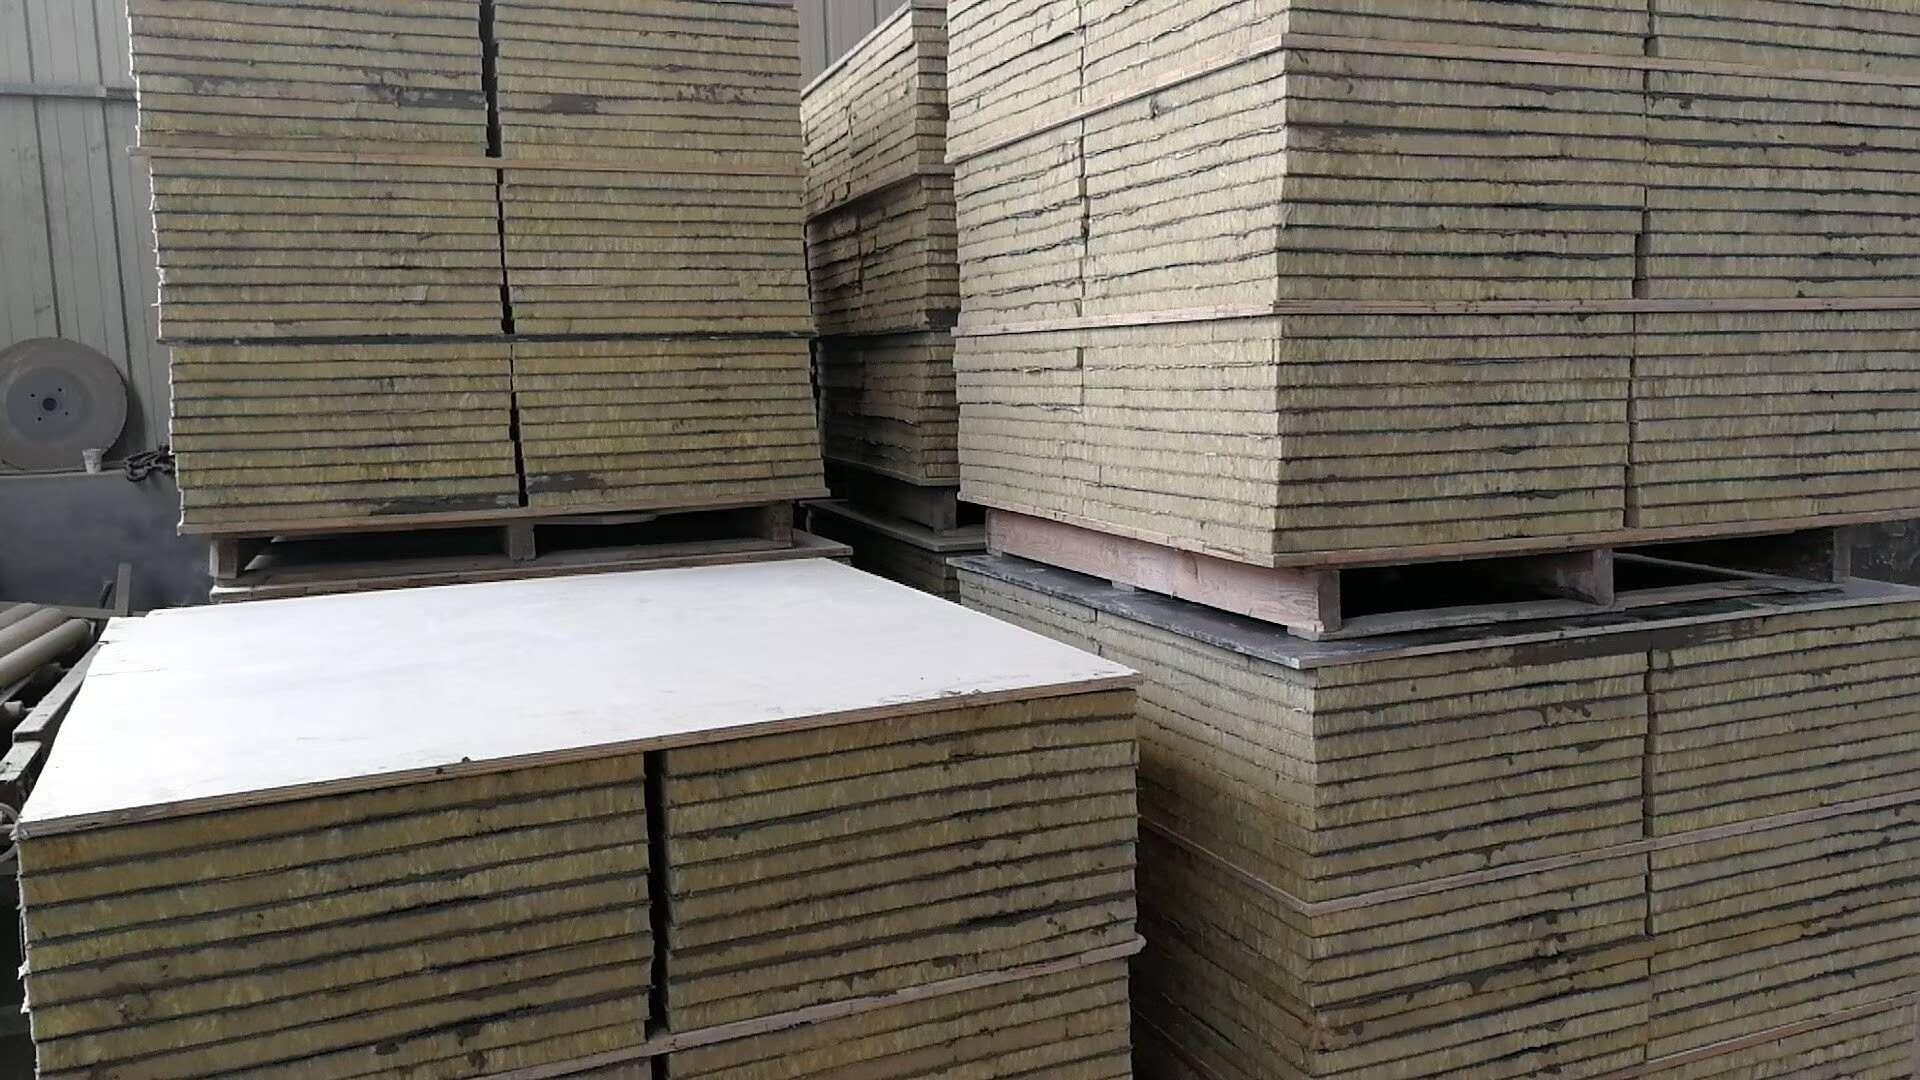 辽宁外墙岩棉复合板\玄武岩棉复合板厂家现货